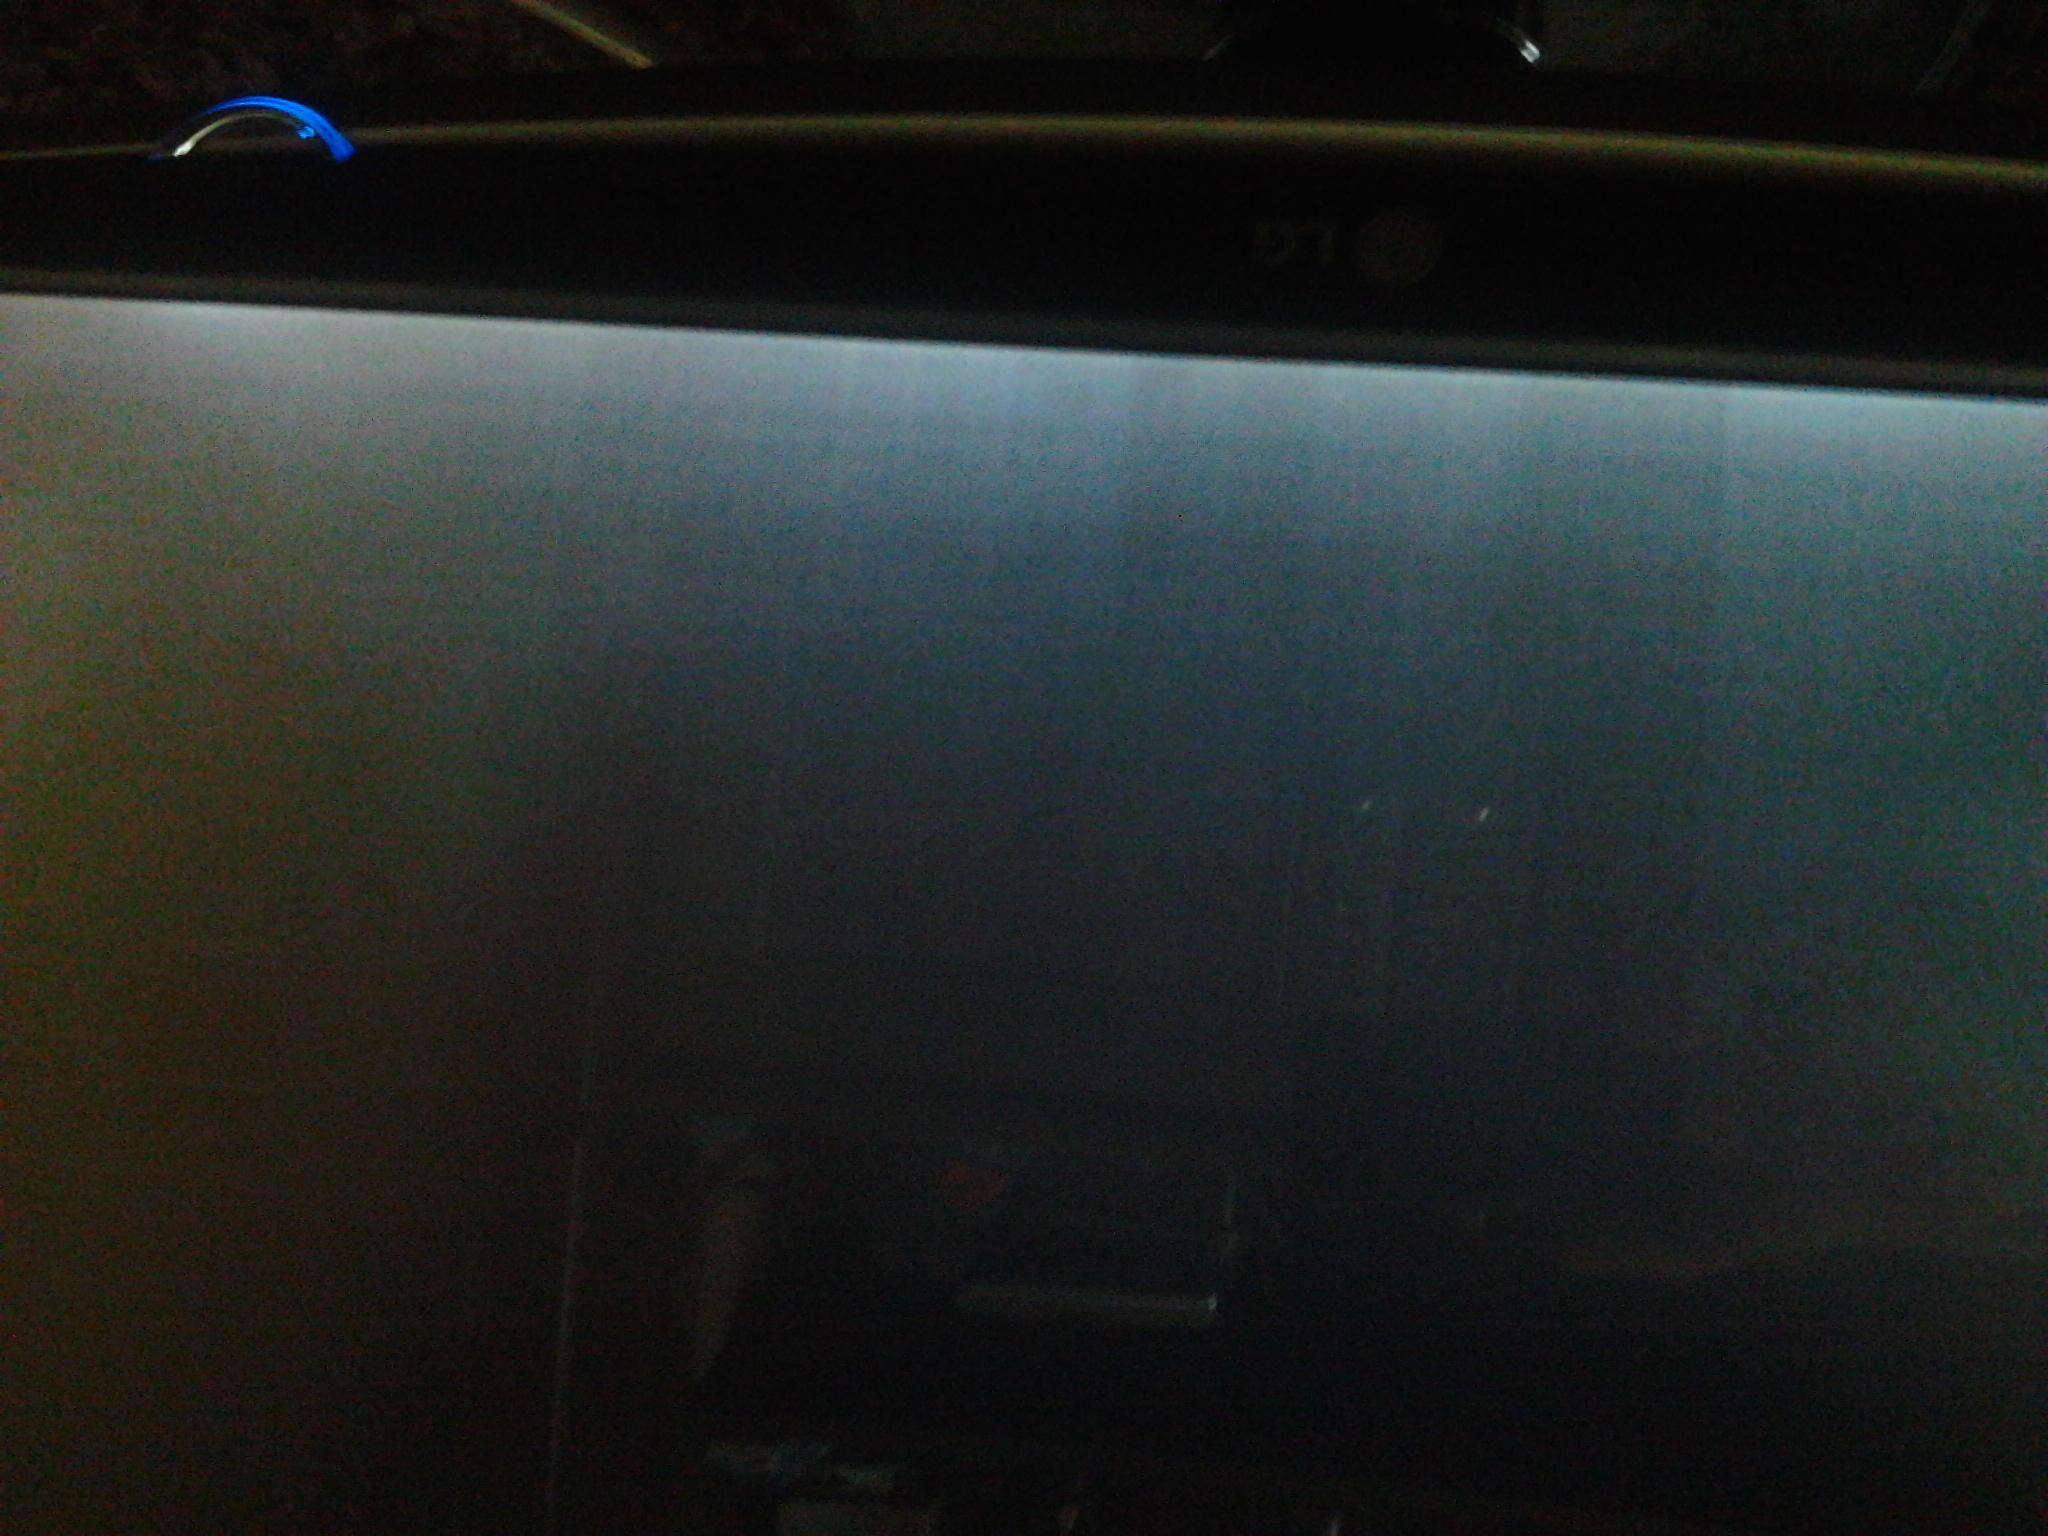 LG FLATRON W2252TG -> poziome skacz�ce bia�e kreski, brak obrazu